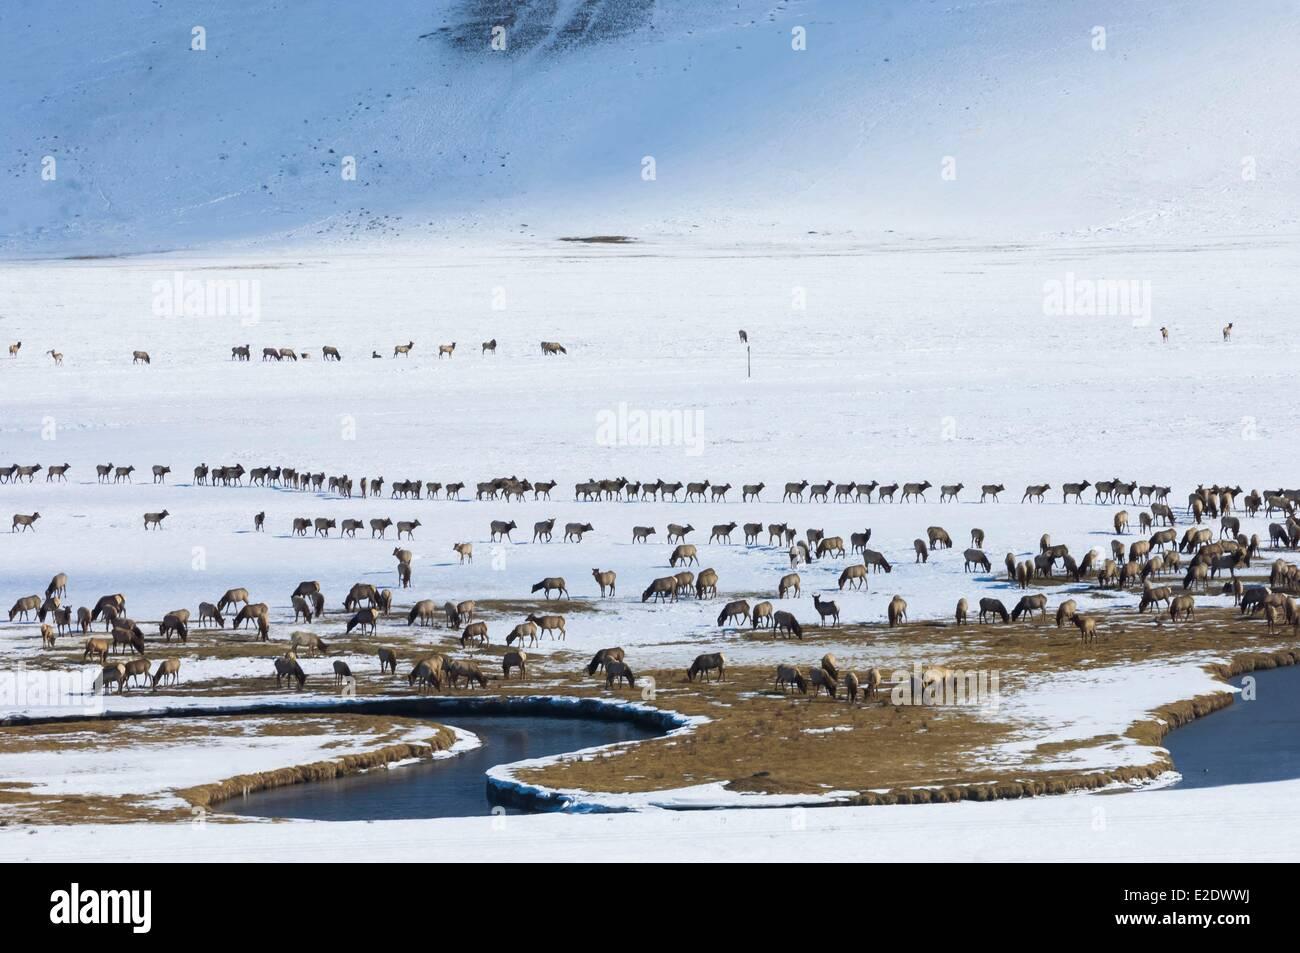 Vereinigten Staaten Wyoming Jackson Hole Winter Migration von der wapiti Stockbild